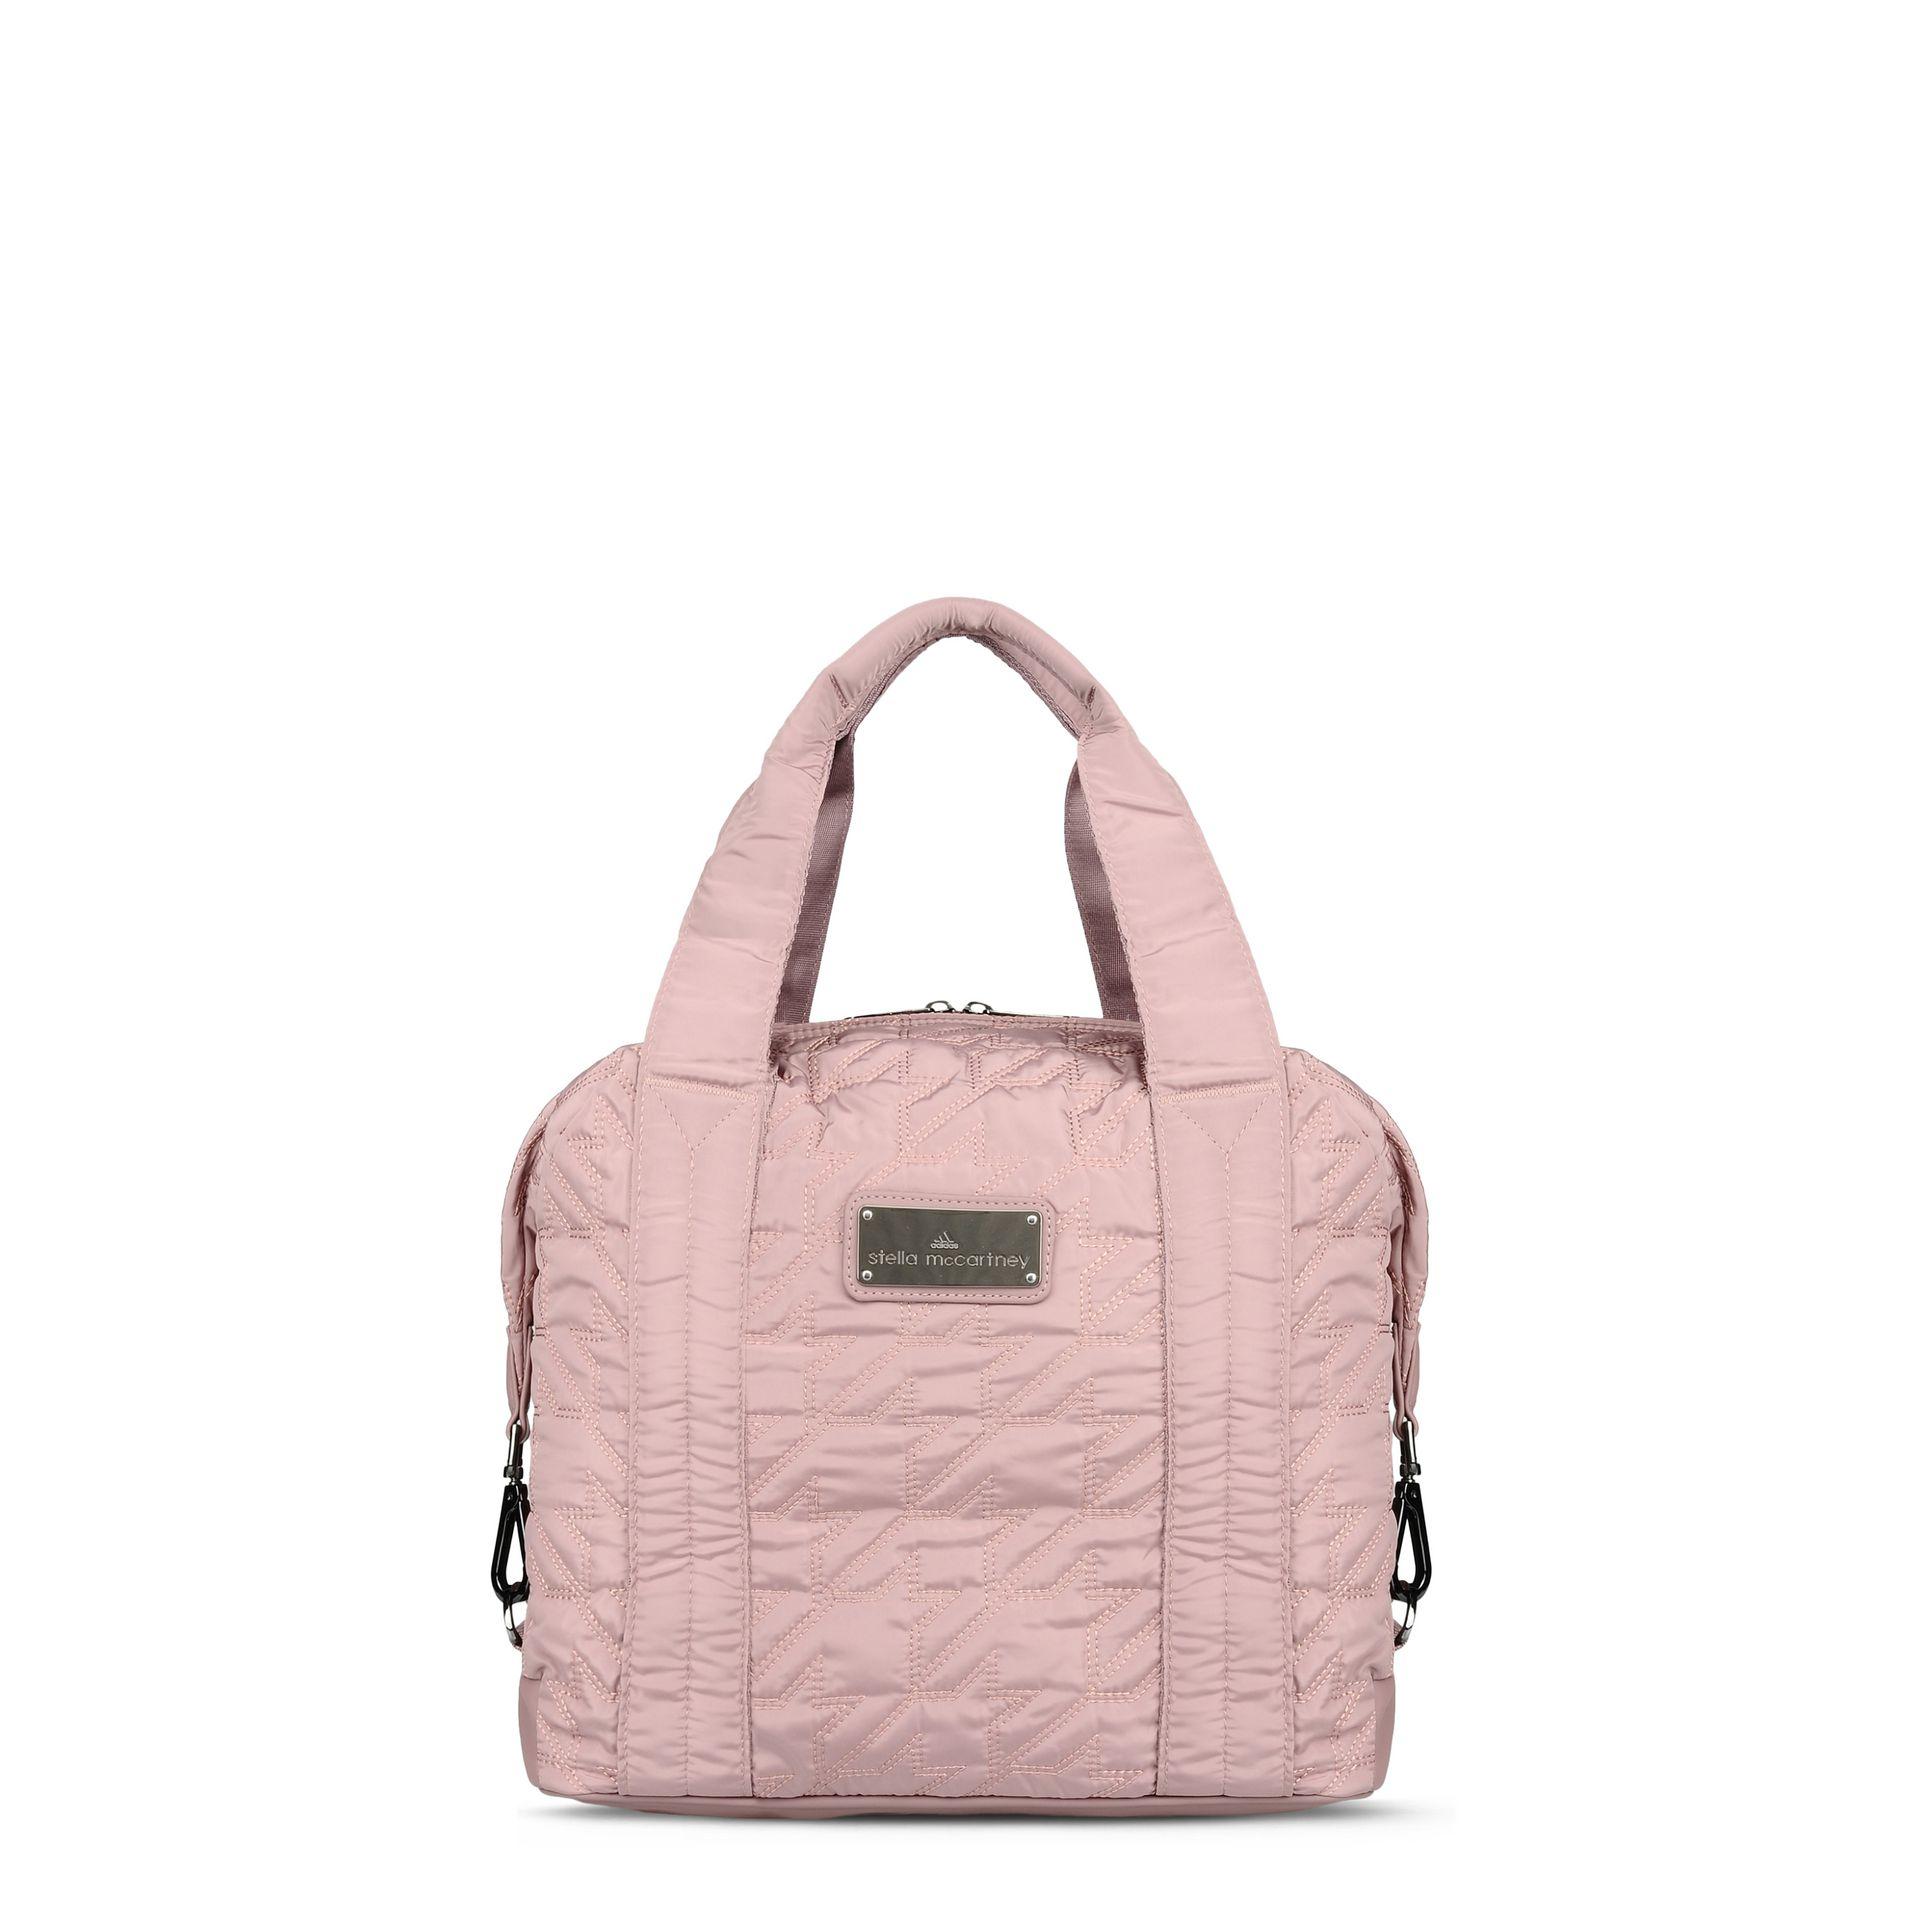 ca96d84a43 adidas By Stella McCartney Small Gym Bag in Gray - Lyst